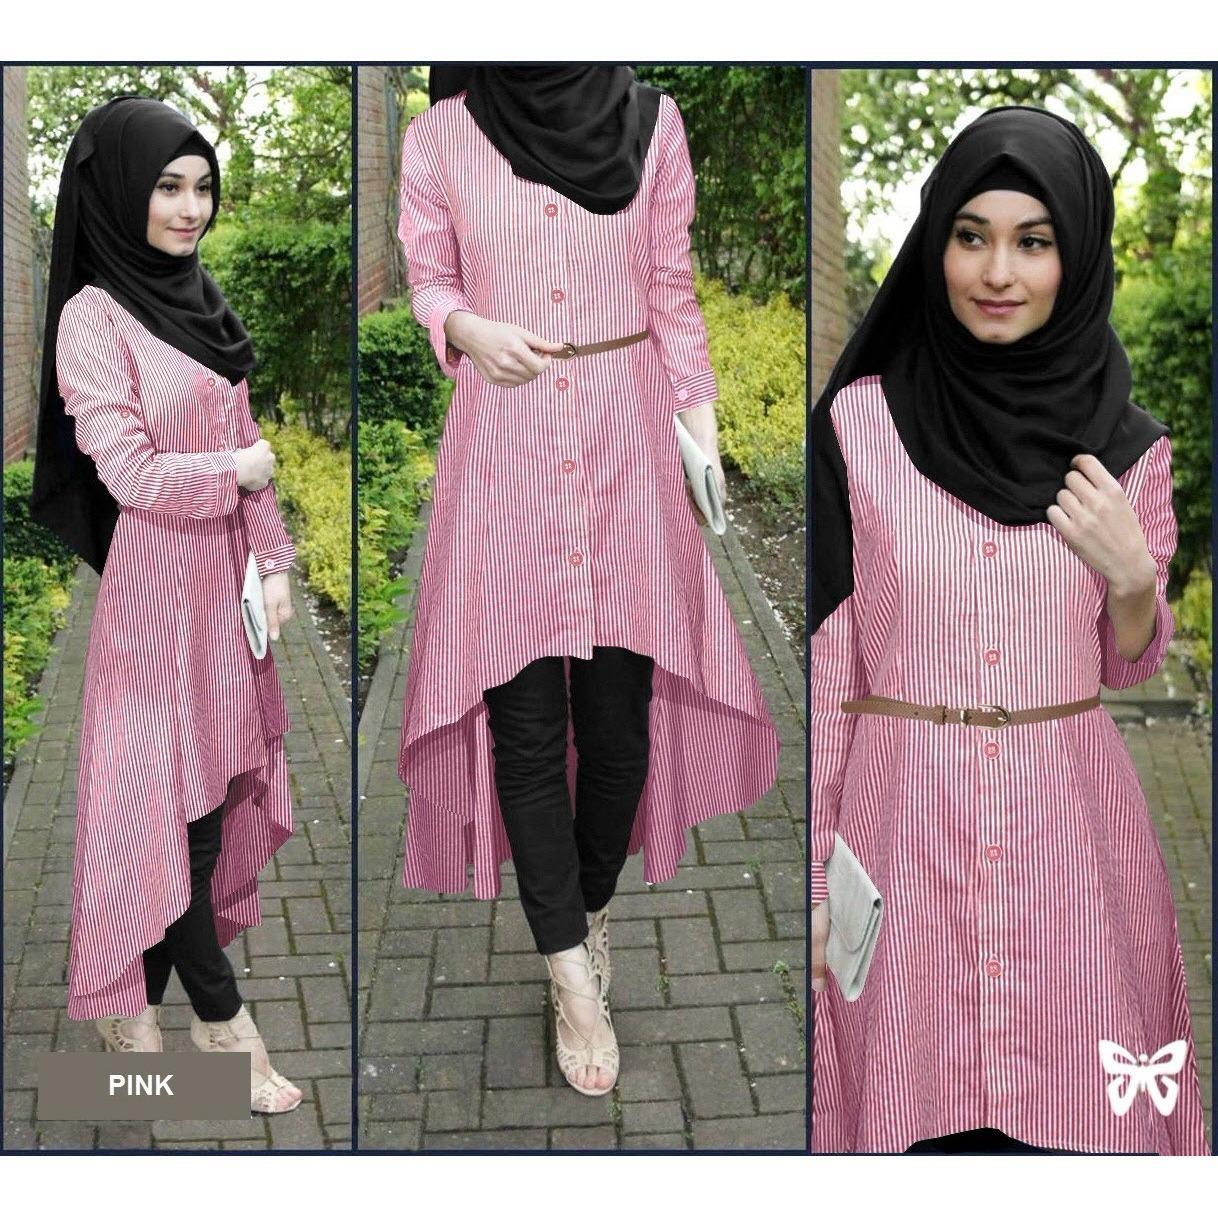 ... Flavia Store Baju Muslim Wanita Set 4 in 1 Salur FS0693 - PINK / Setelan Muslimah